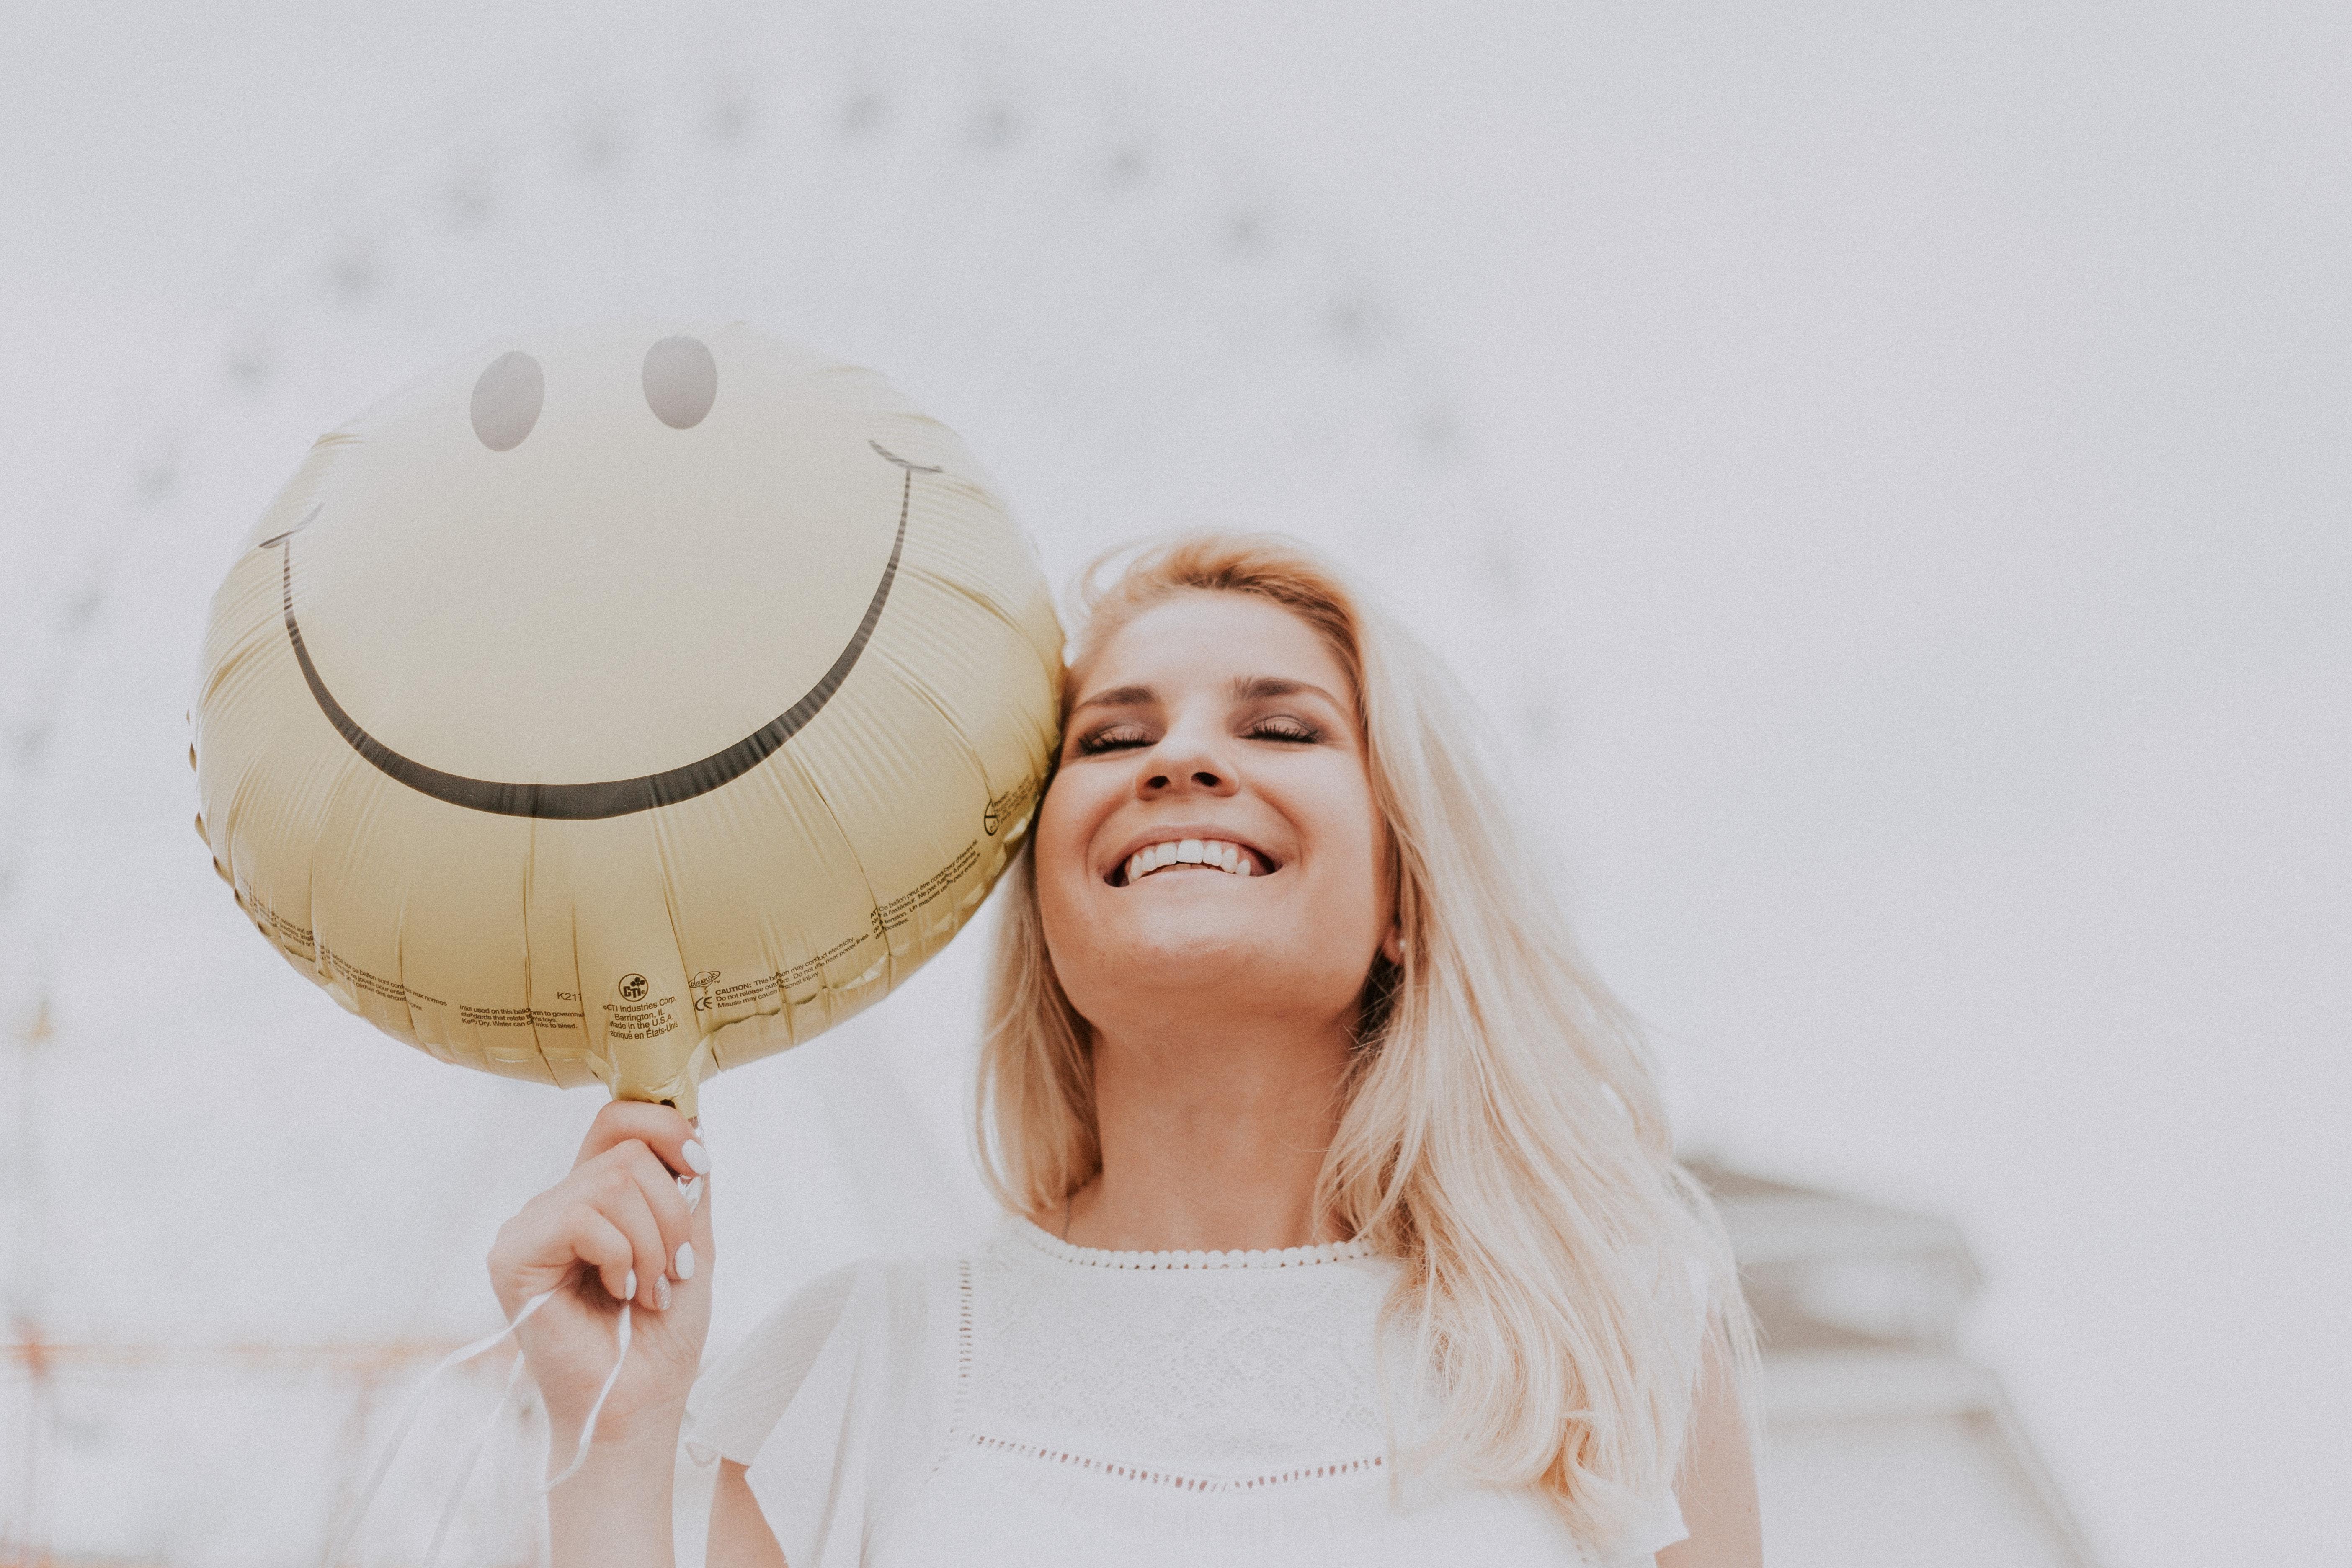 Sport jezelf gelukkig: 9 feiten!